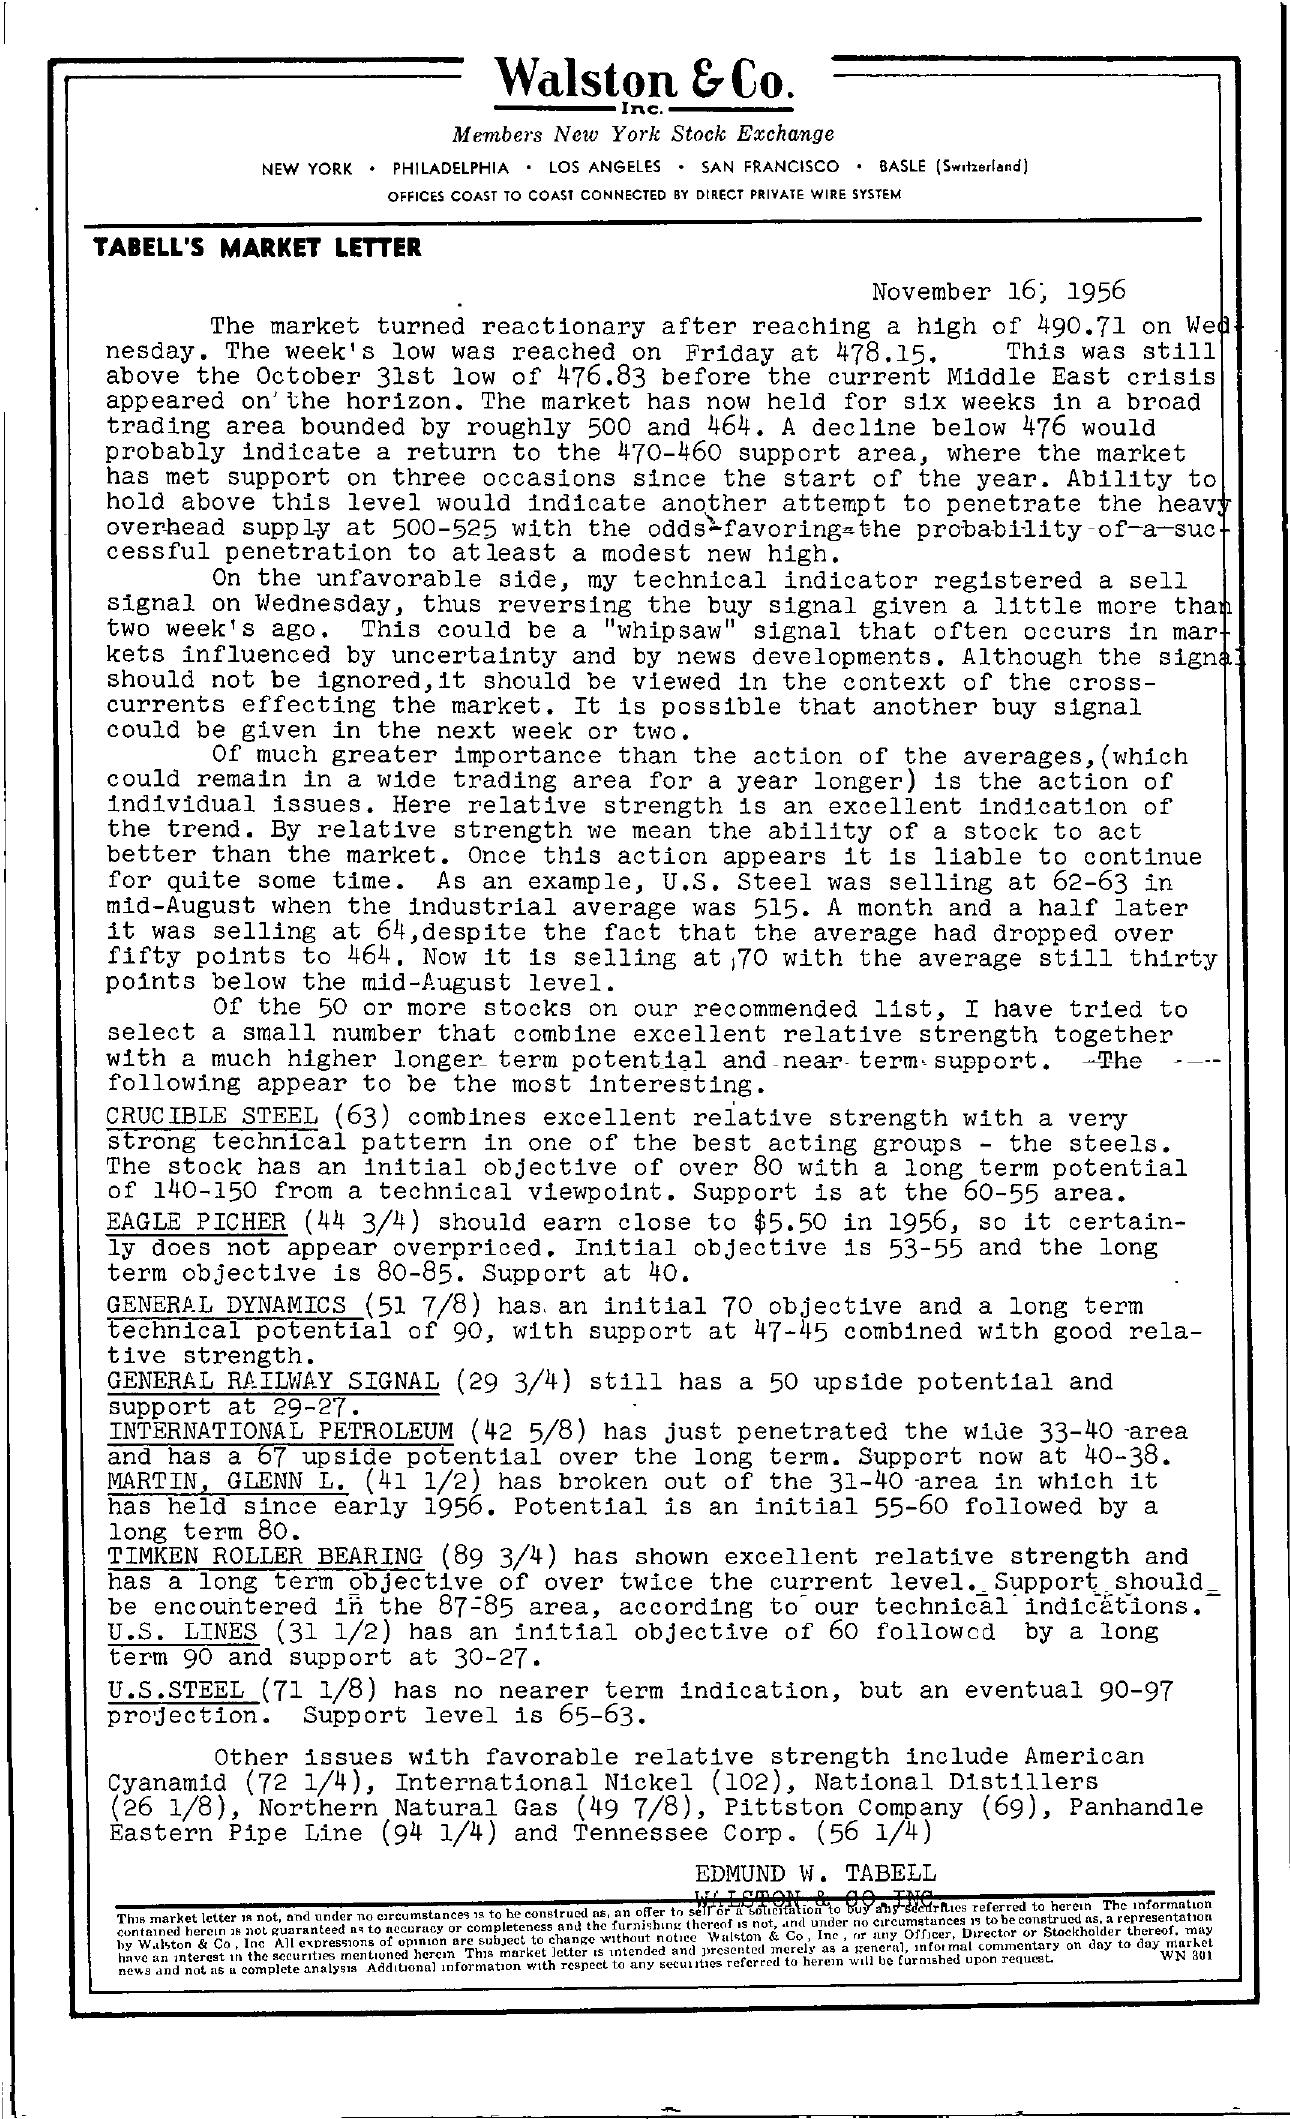 Tabell's Market Letter - November 16, 1956